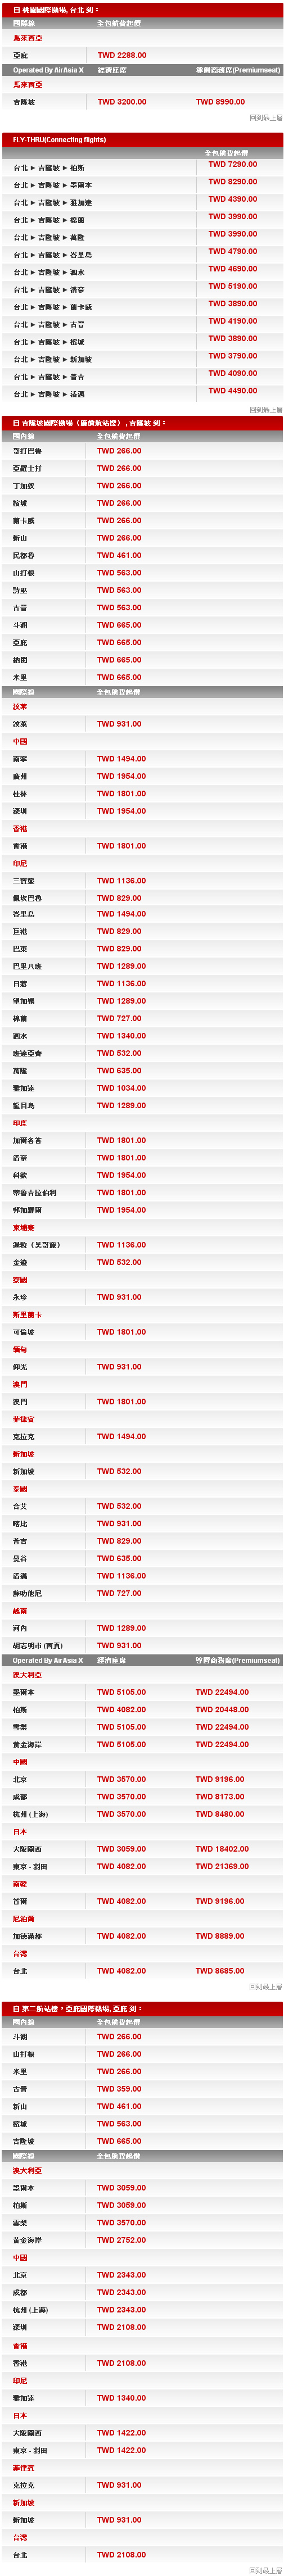 亞洲航空廉價機票價格